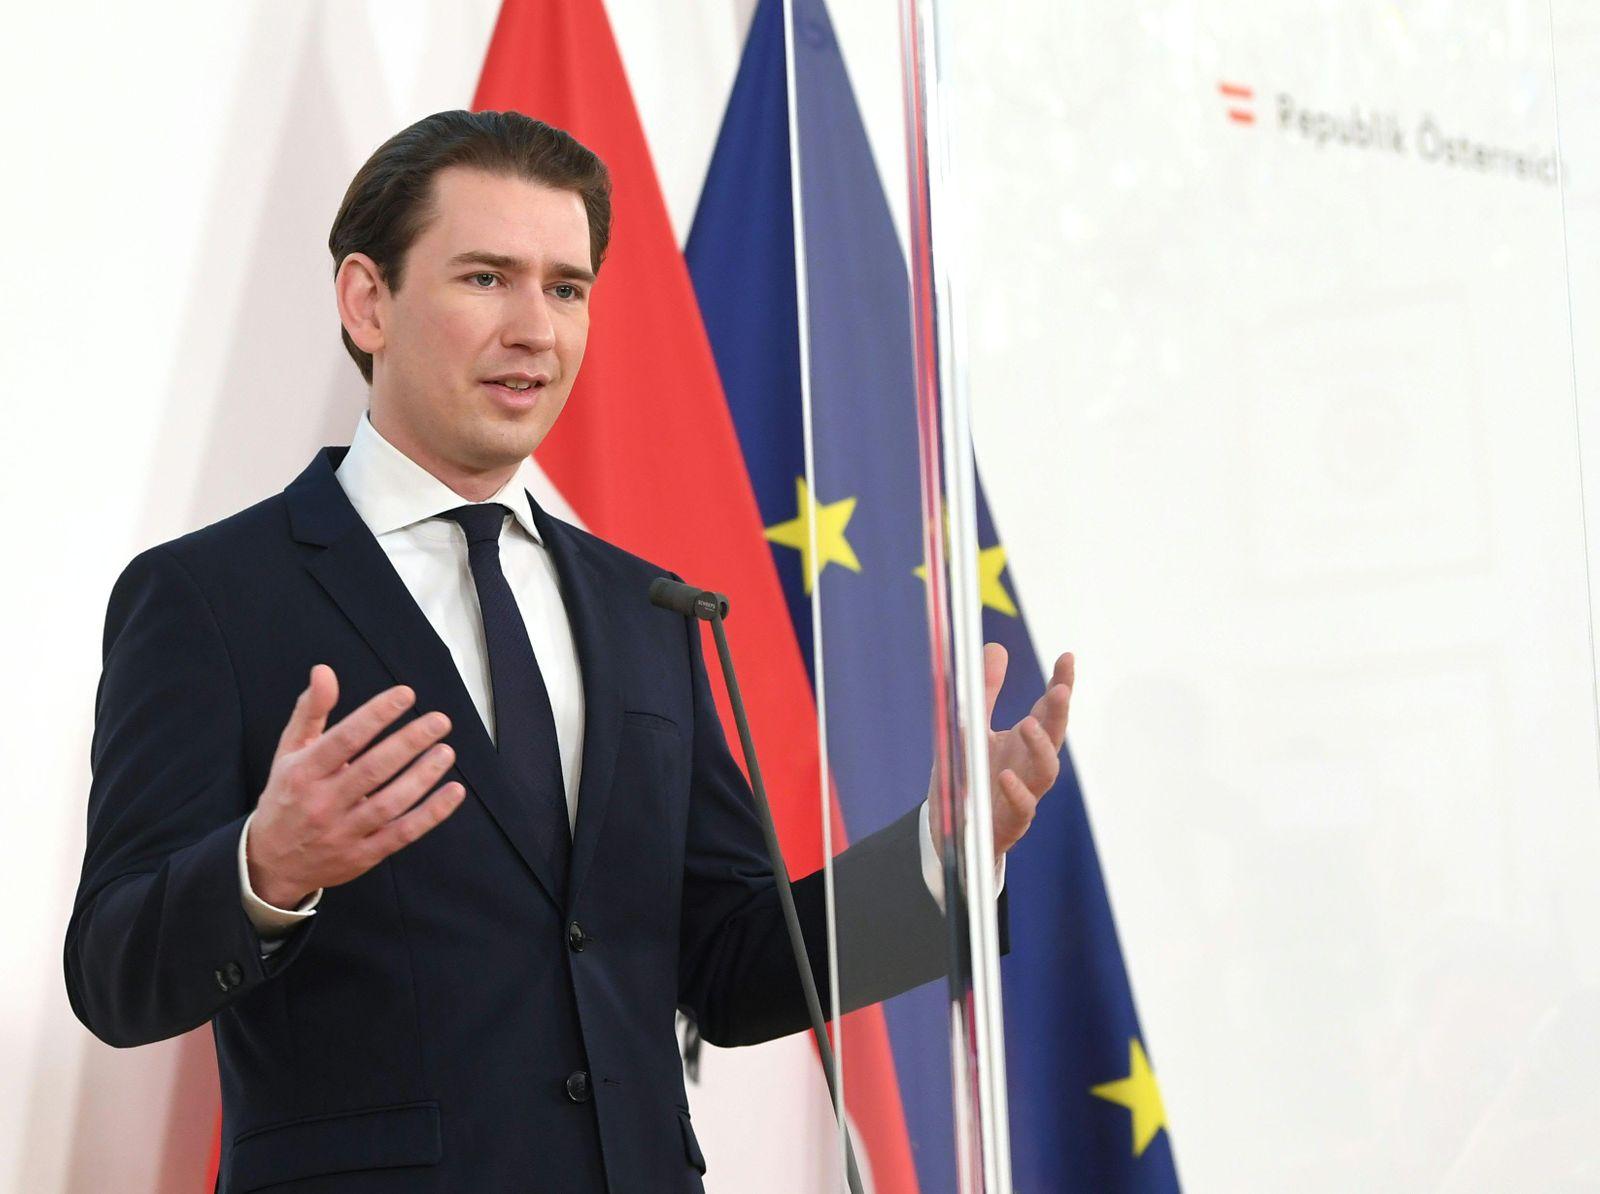 Videogipfel der EU-Staats- und Regierungschefs